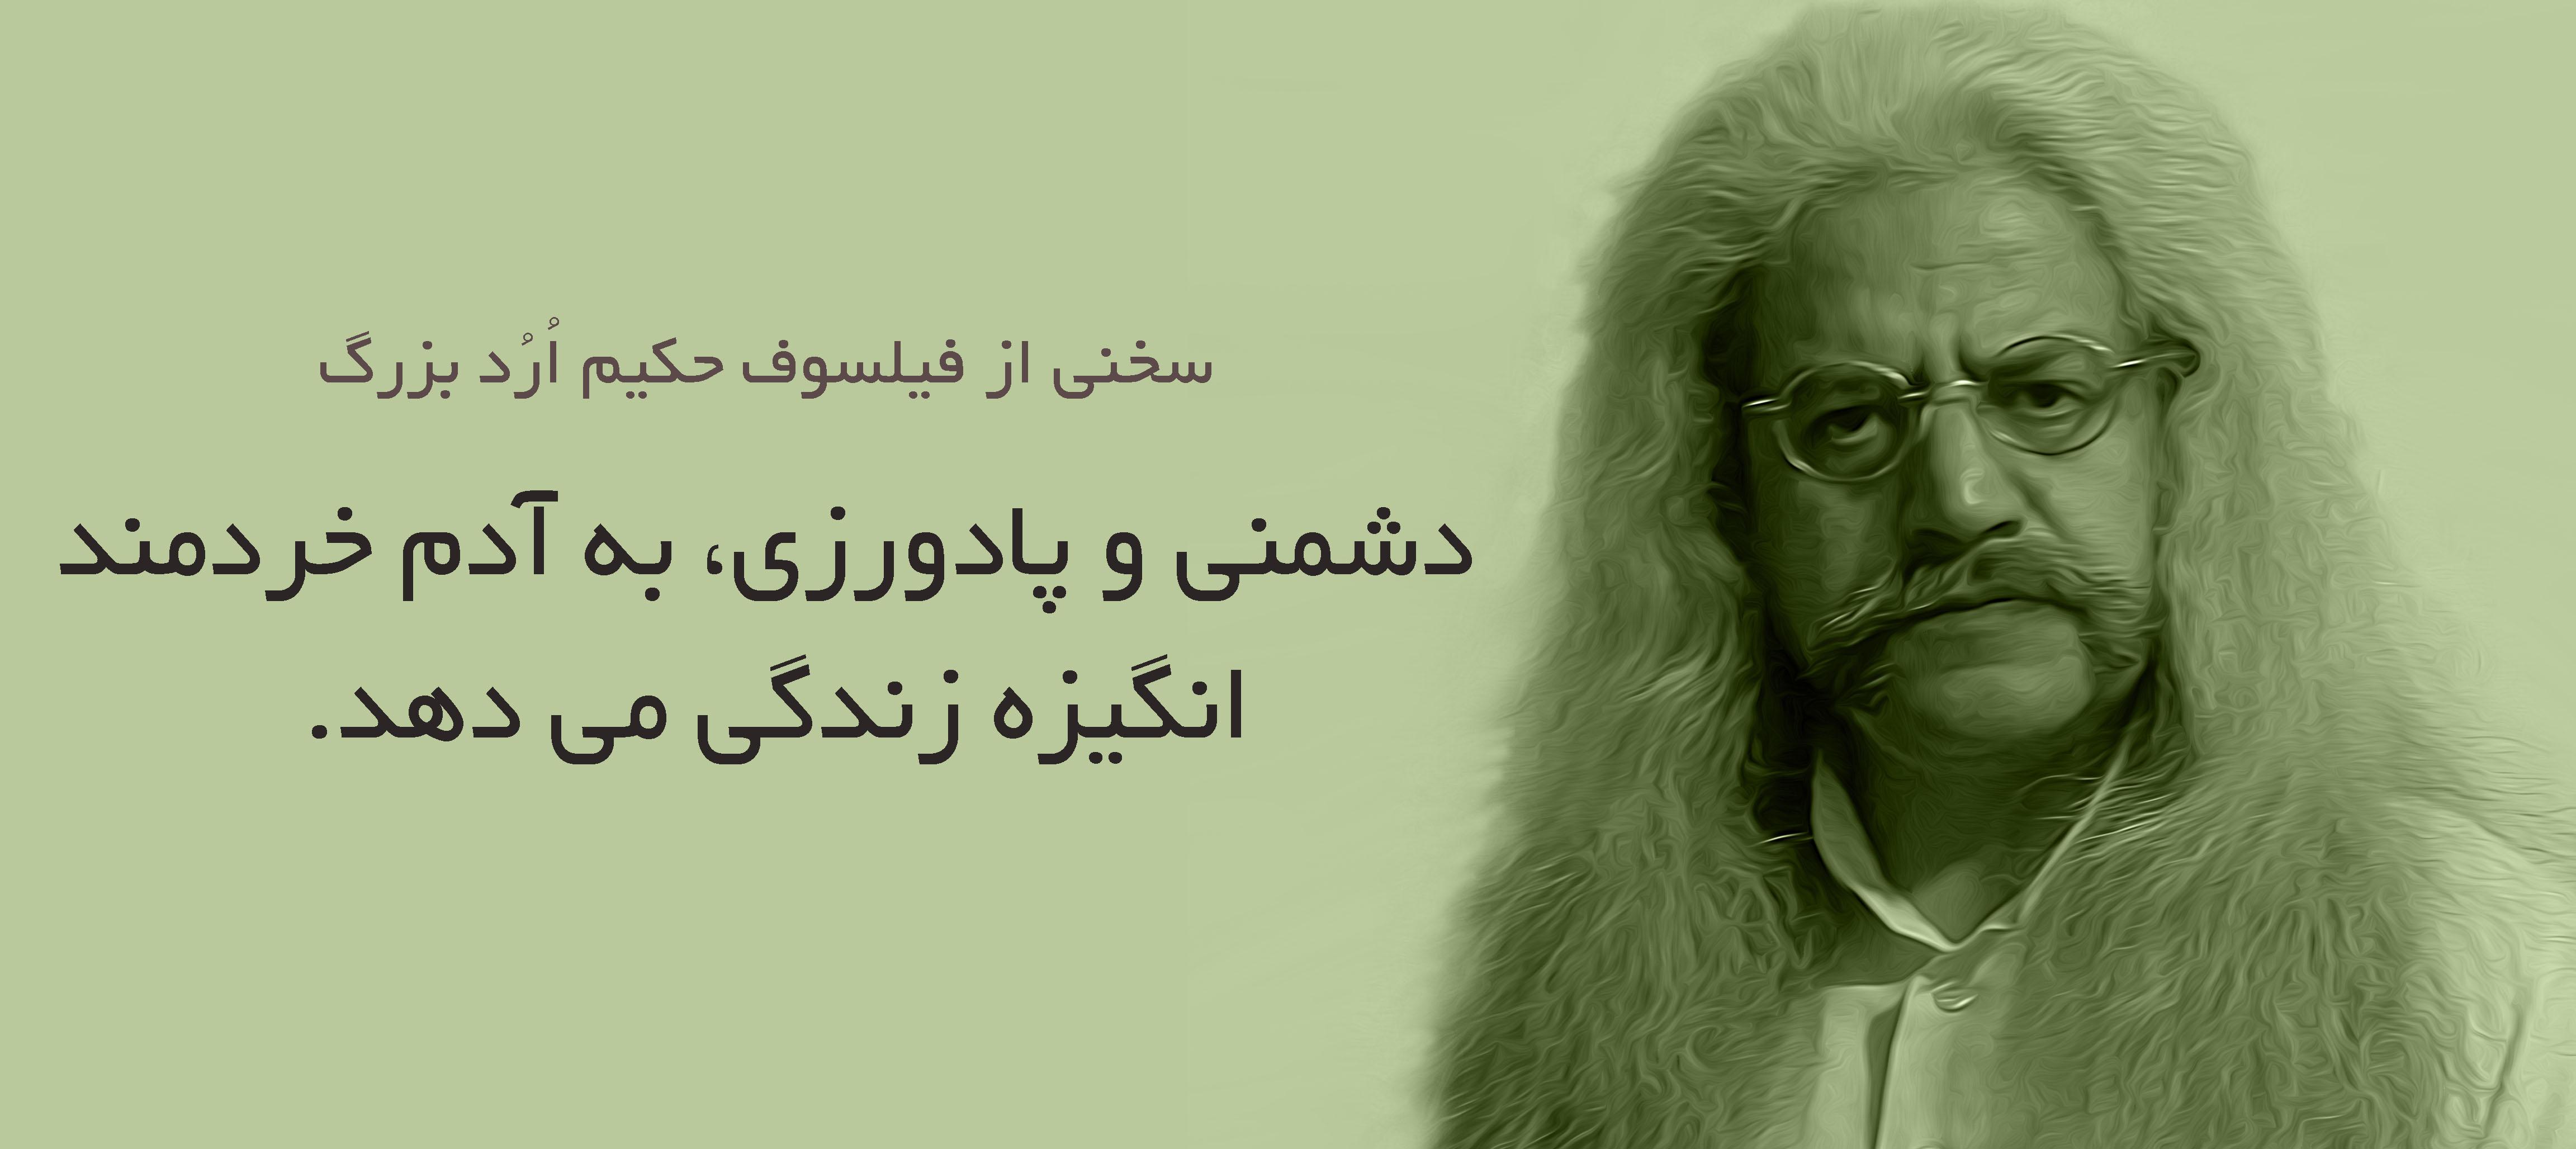 استاد فلسفه , عکس فیلسوف ایرانی , عکس حکیم ارد بزرگ, استاد ارد حکیم , استاد ارد بزرگ , استاد حکیم ارد بزرگ